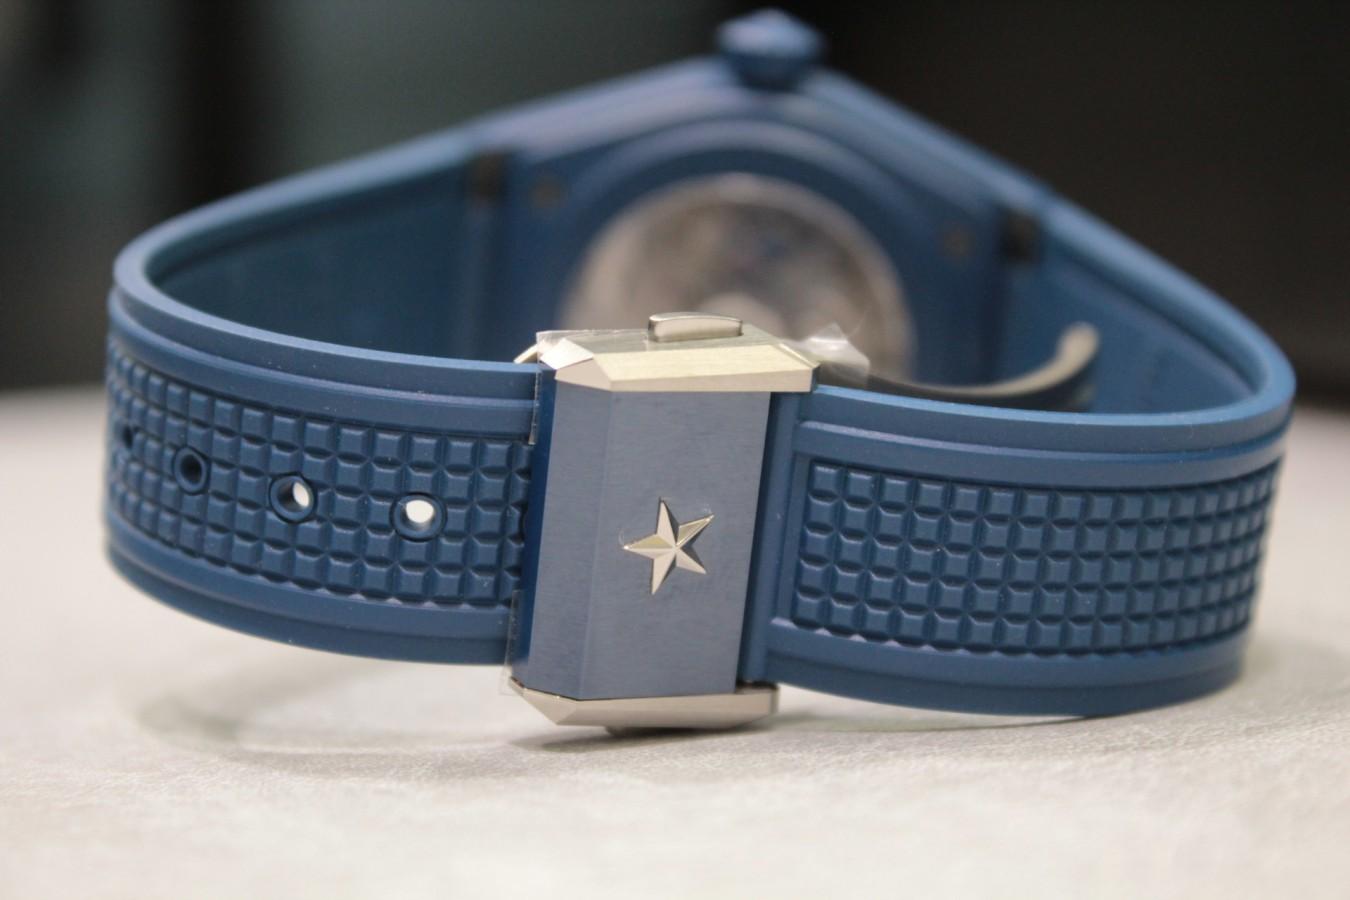 IMG_3472-1 暑い時期の腕元にブルーの時計はいかがですか!?【デファイクラシックセラミック】 - ELITE